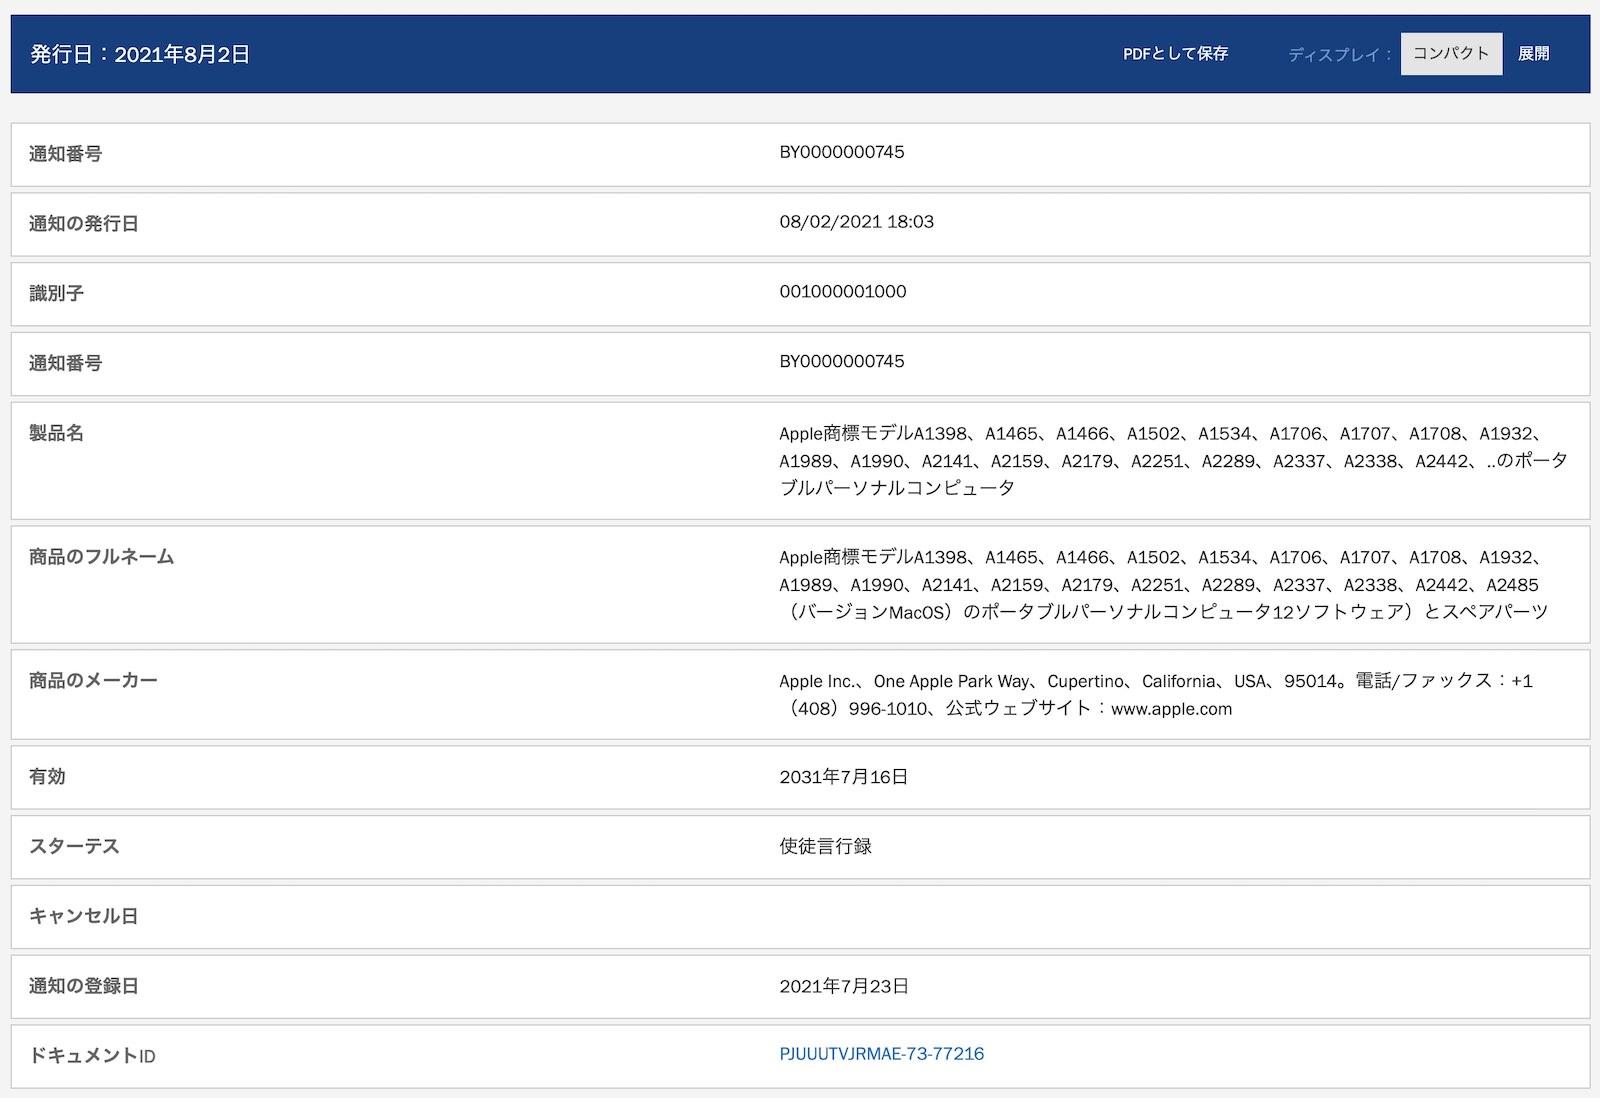 Eec macbook pro filing